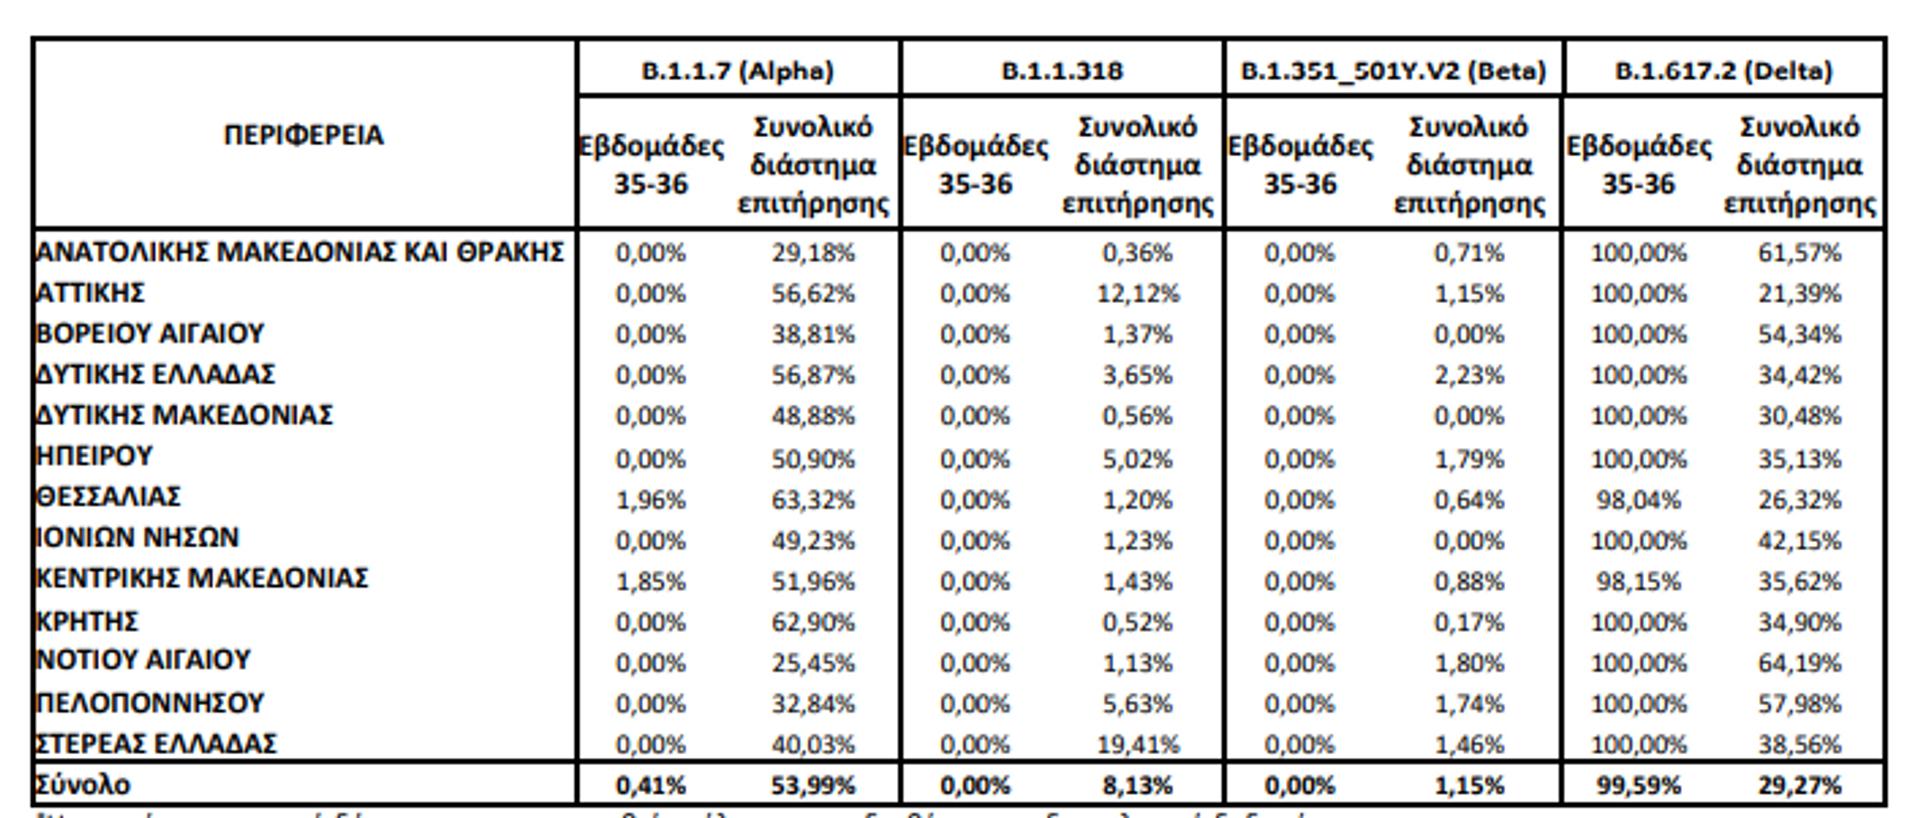 Στοιχεία ΕΟΔΥ για τις μεταλλάξεις στην Ελλάδα  - Sputnik Ελλάδα, 1920, 23.09.2021